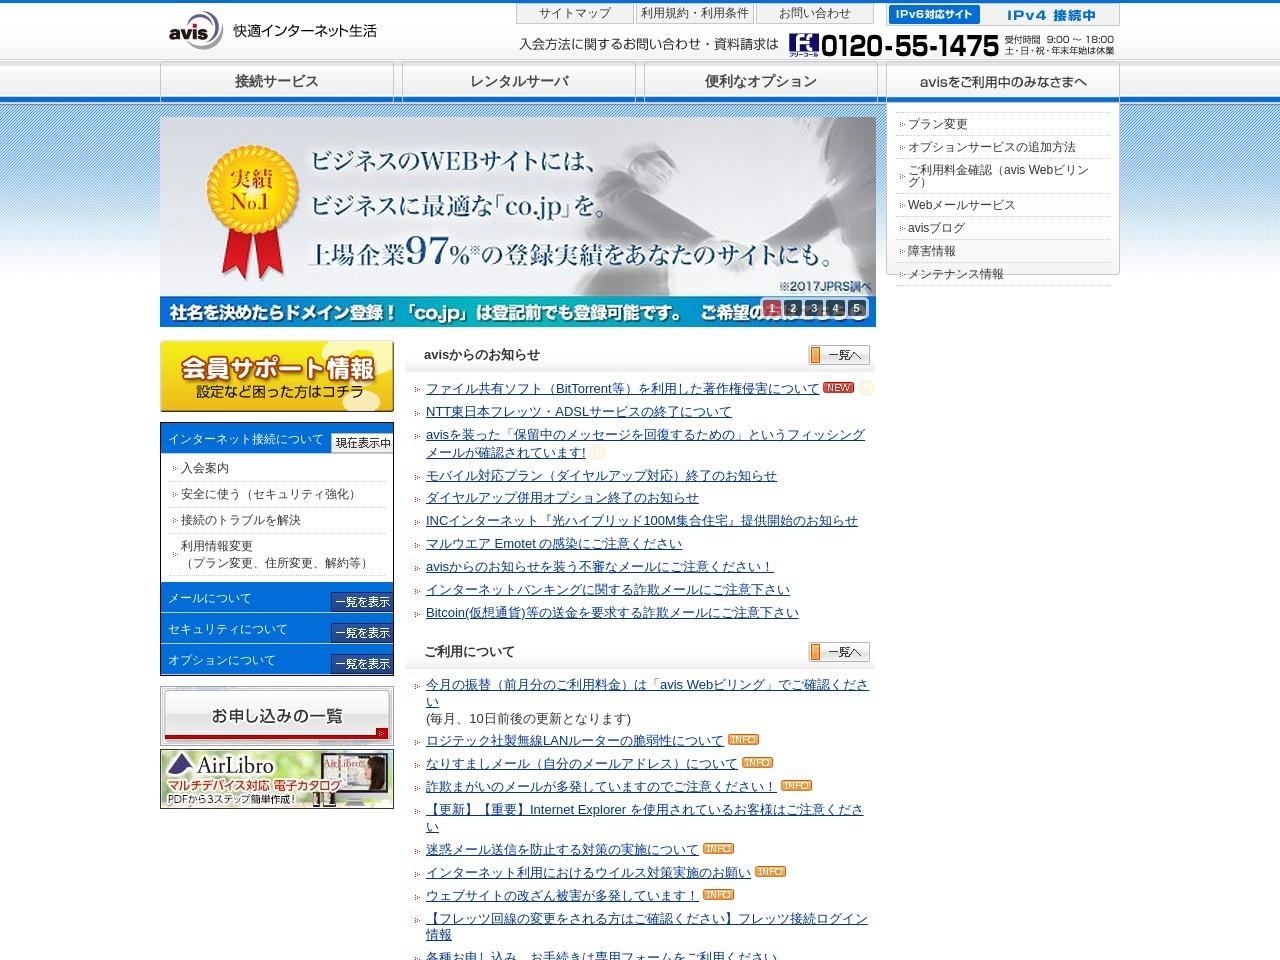 ガク・デザイン・スタジオ有限会社